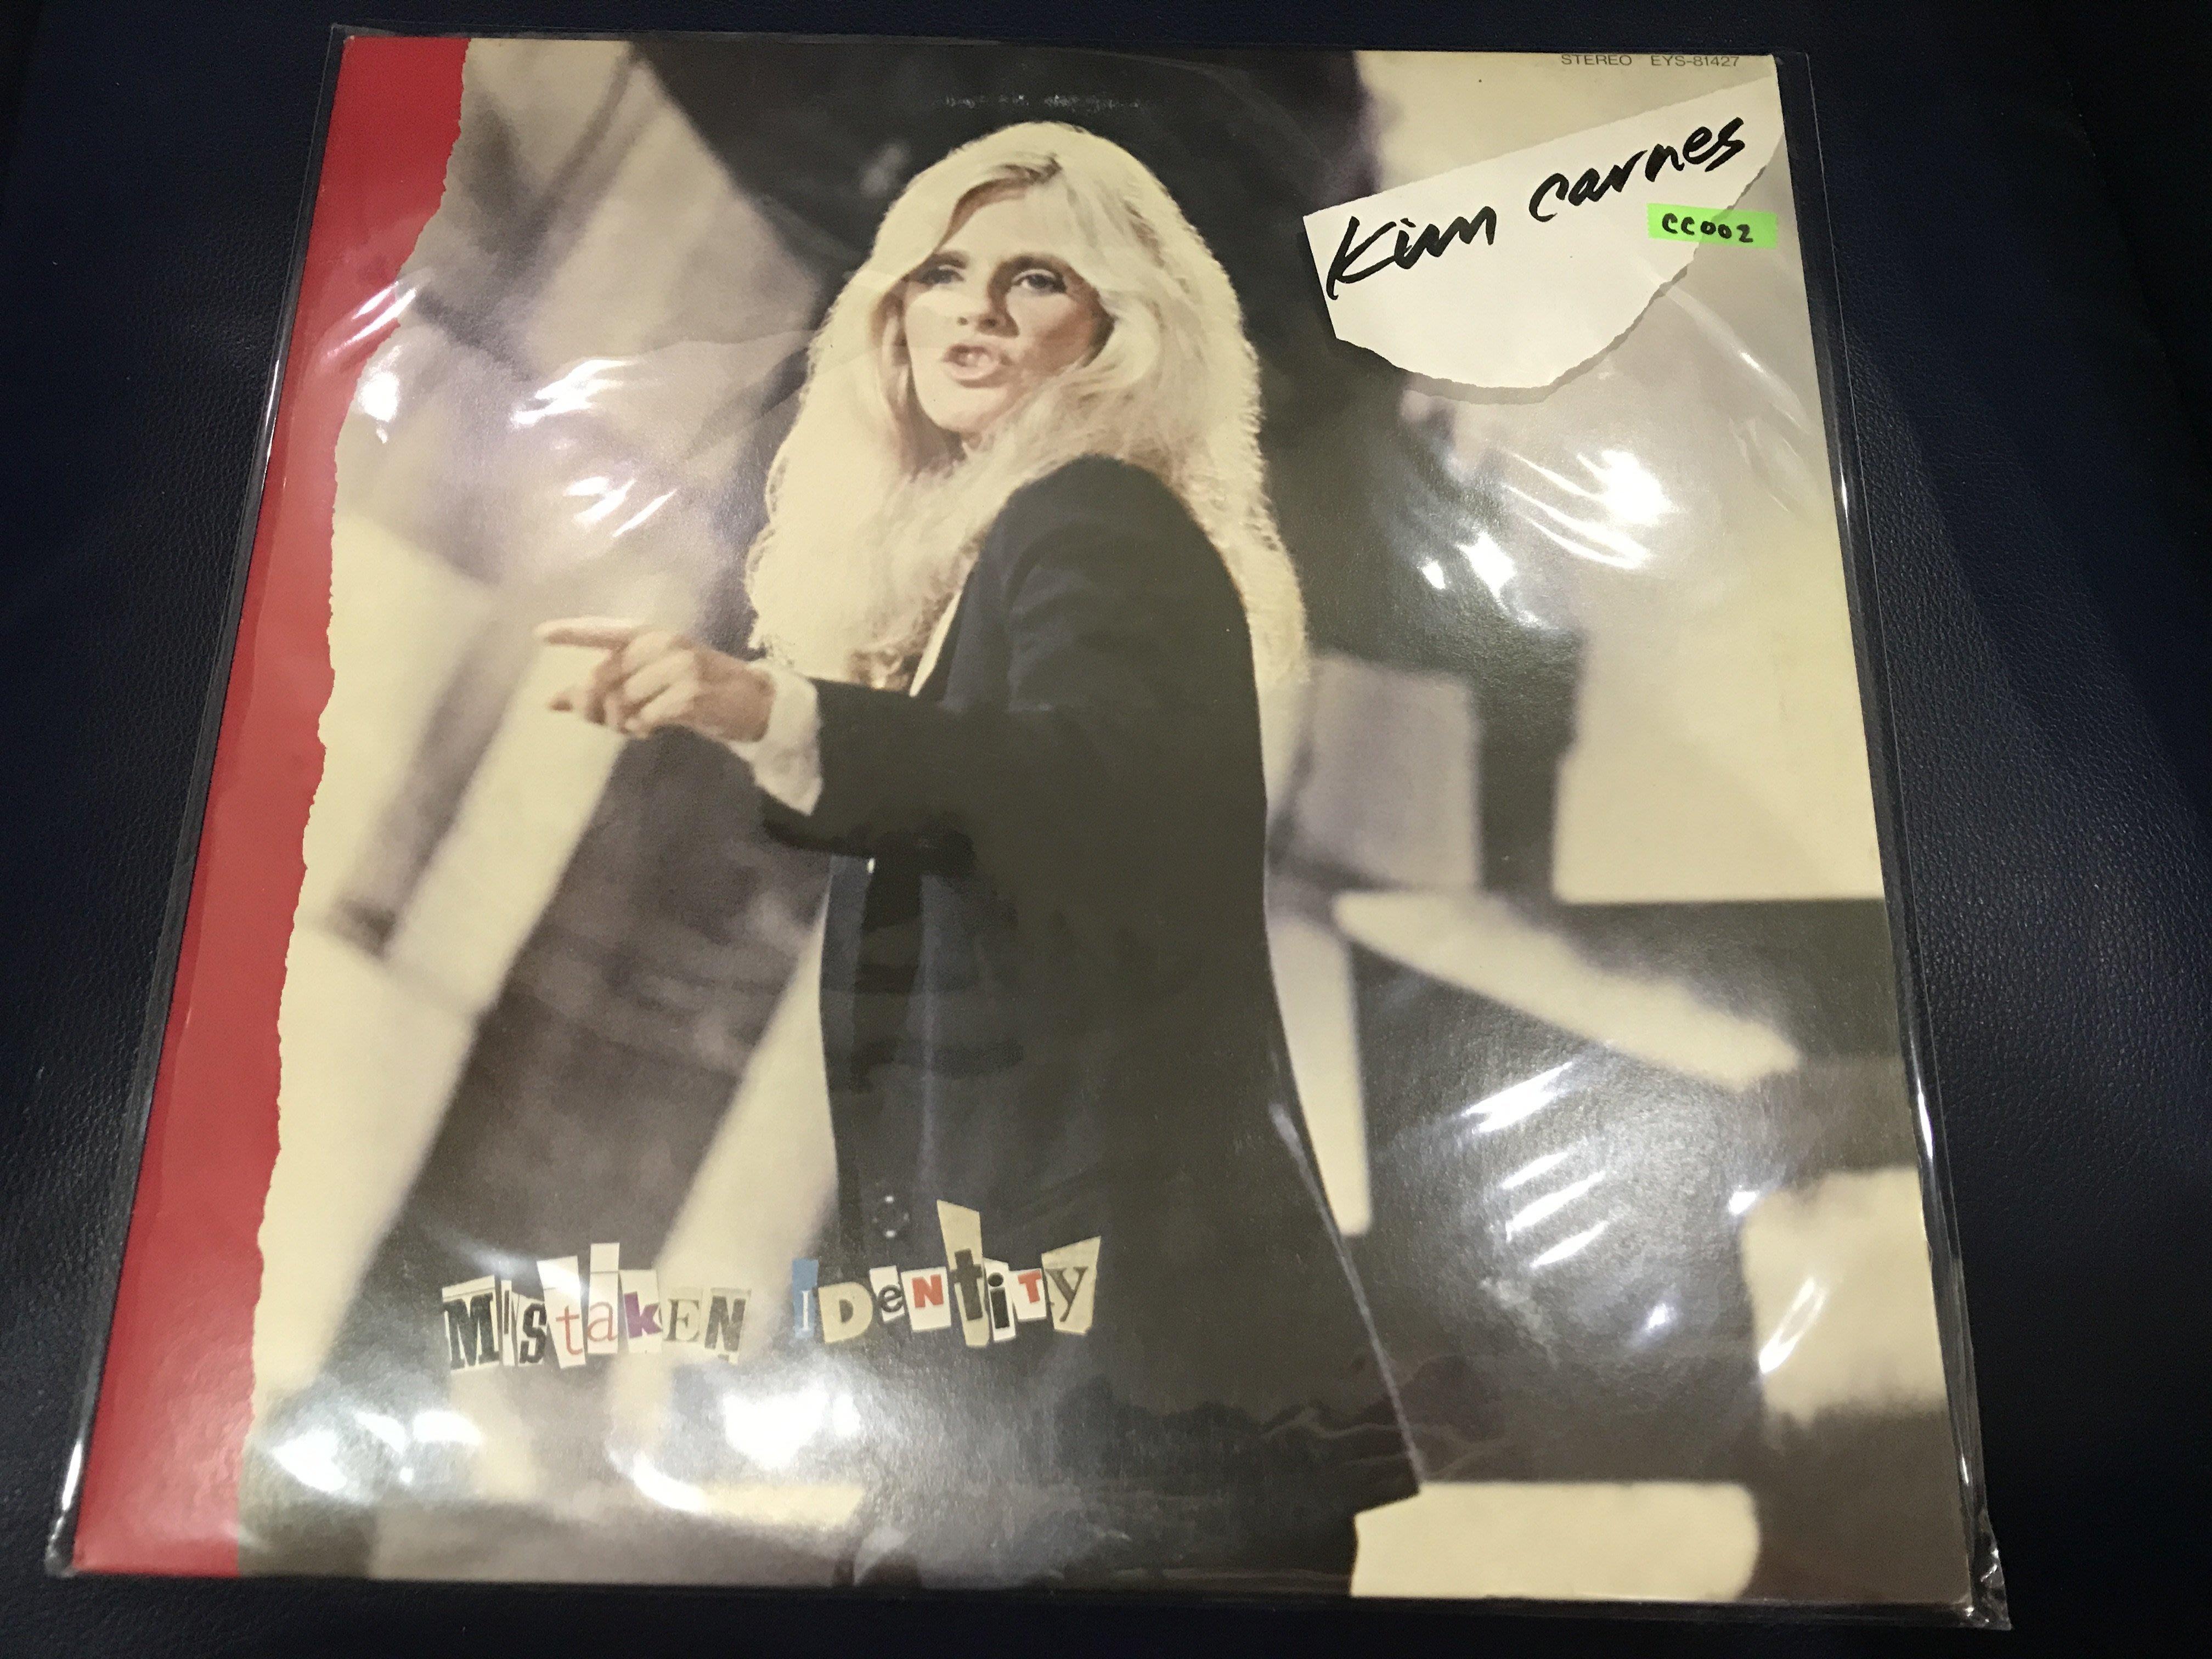 開心唱片 (KIM CARNES / MISTAKEN IDENTITY) 二手 黑膠唱片 CC002